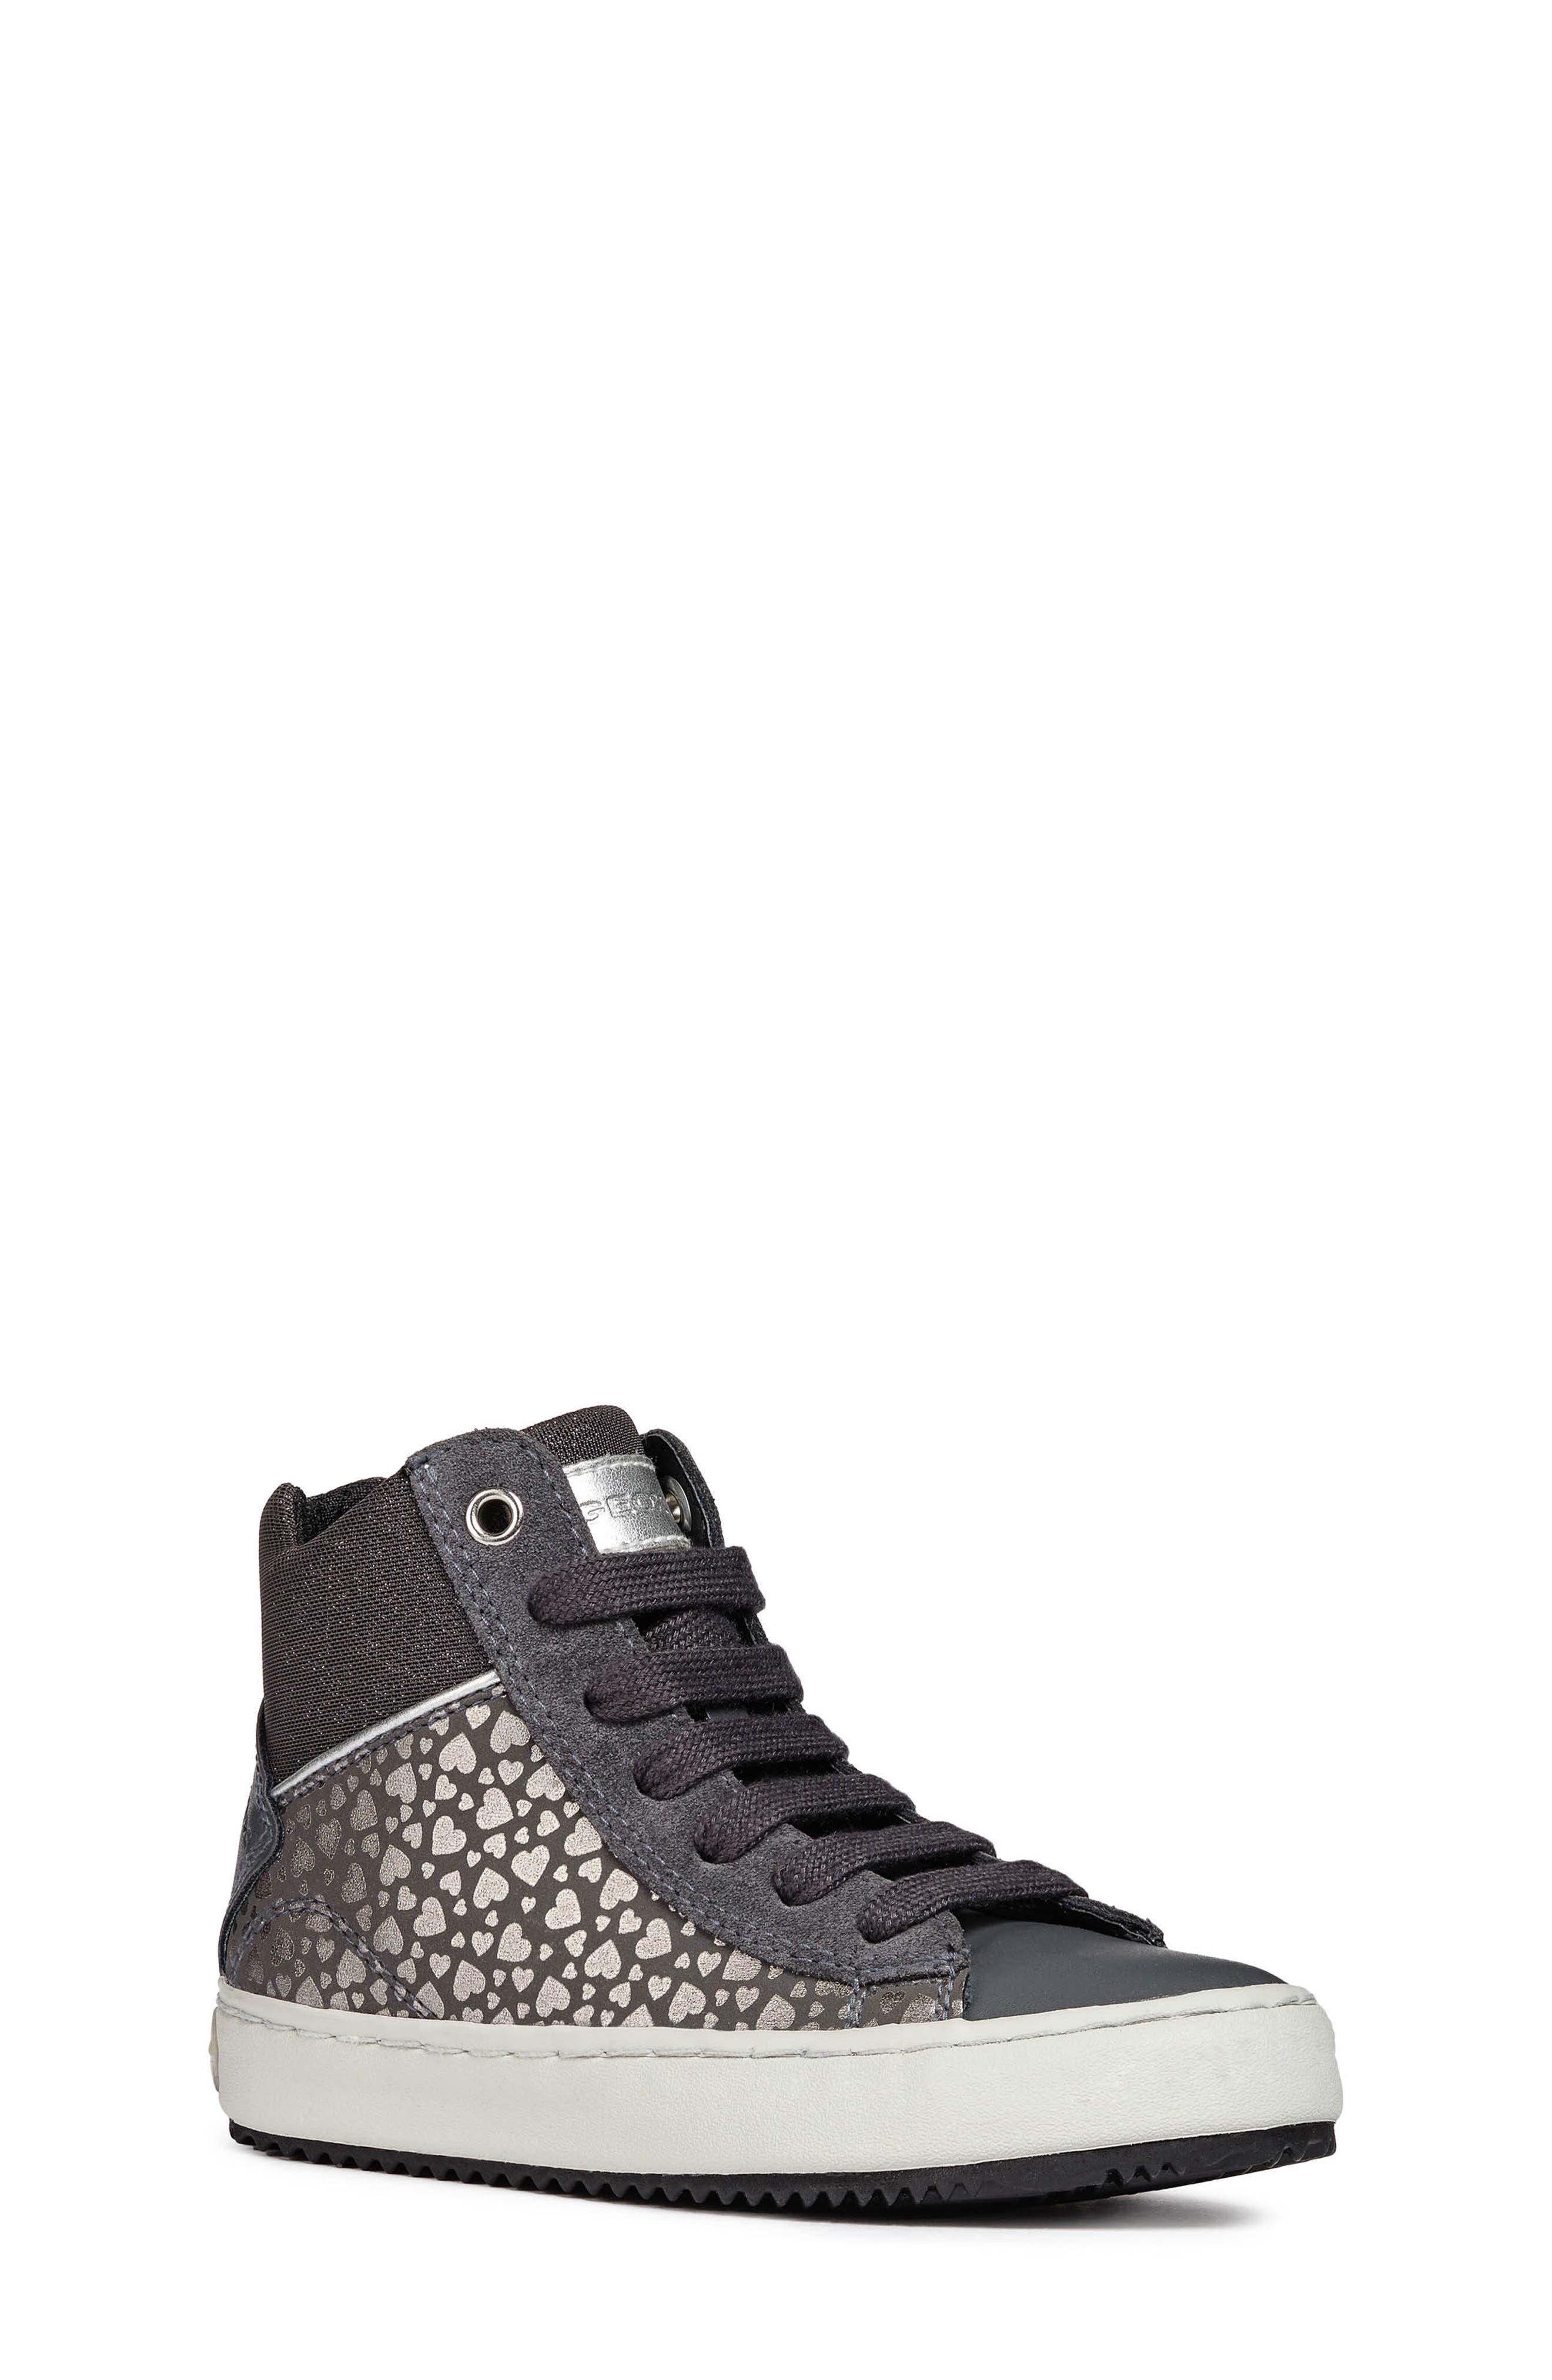 Kalispera High Top Sneaker,                         Main,                         color, DARK GREY